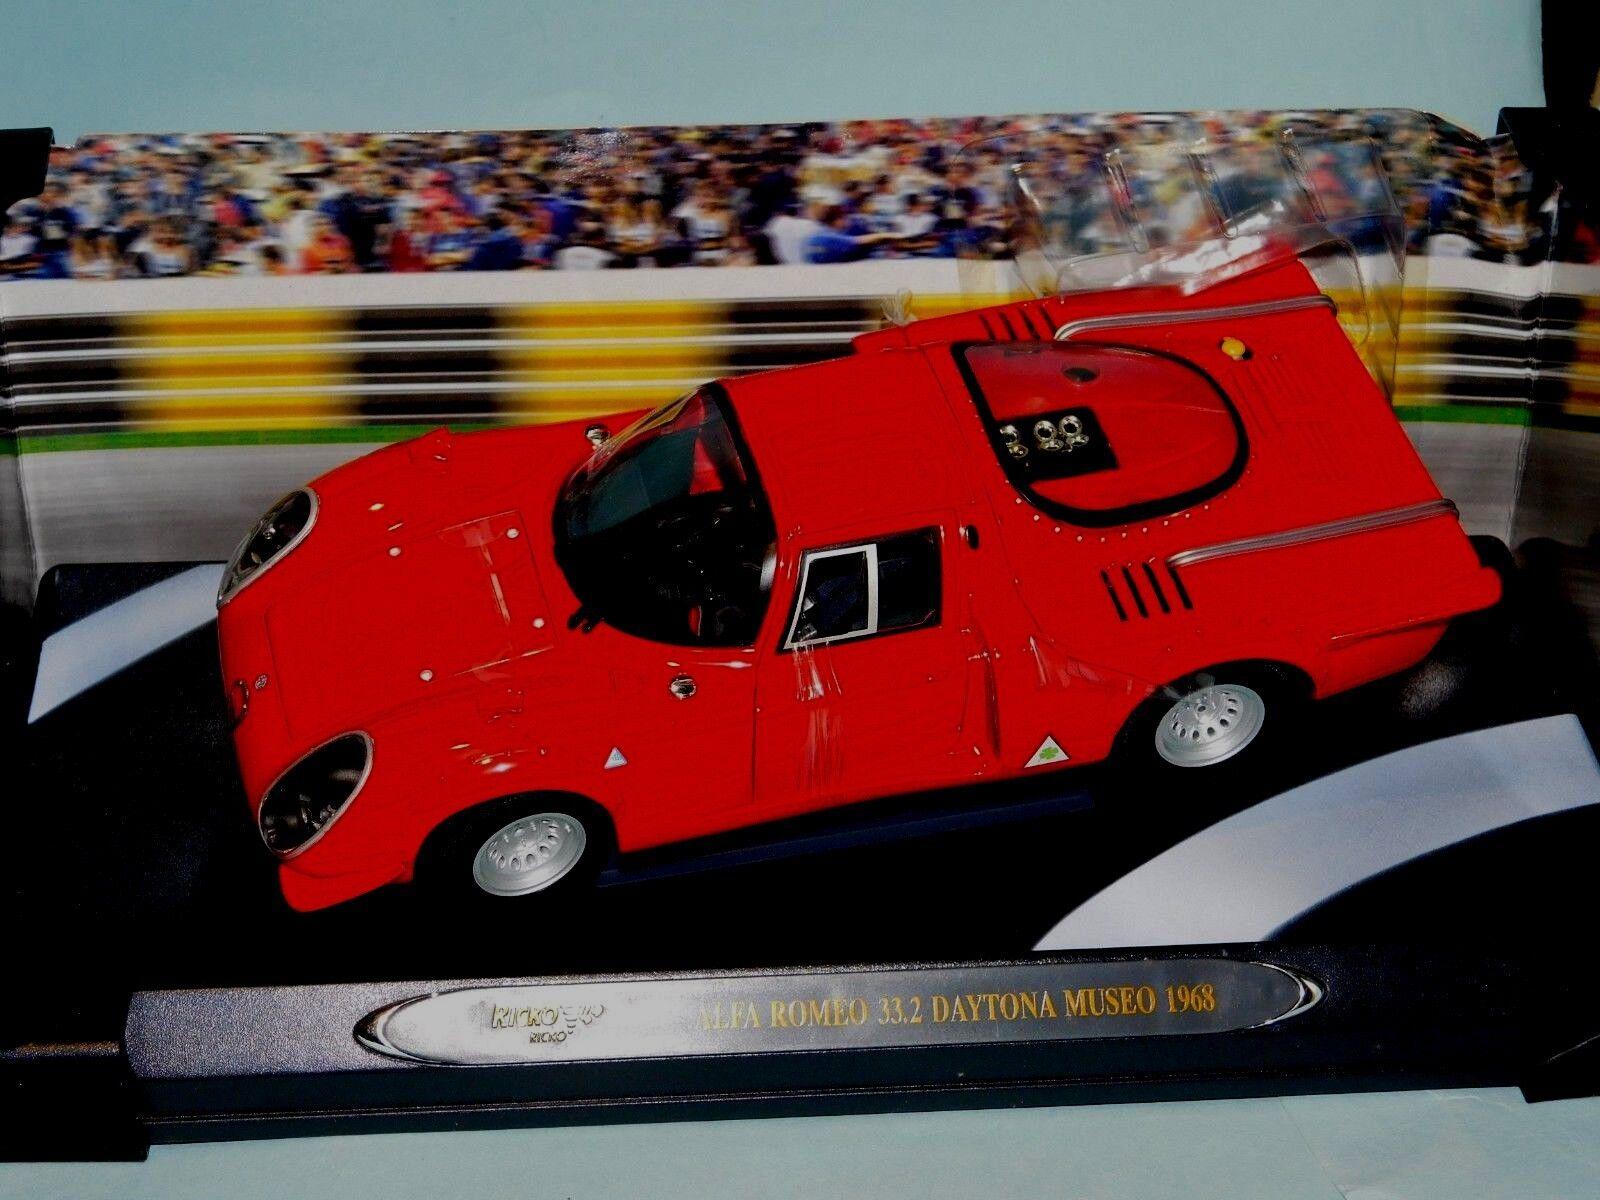 Alfa Romeo 33.2 Daytona Coupe Museo 1968 rosso Ricko 32143 1 18